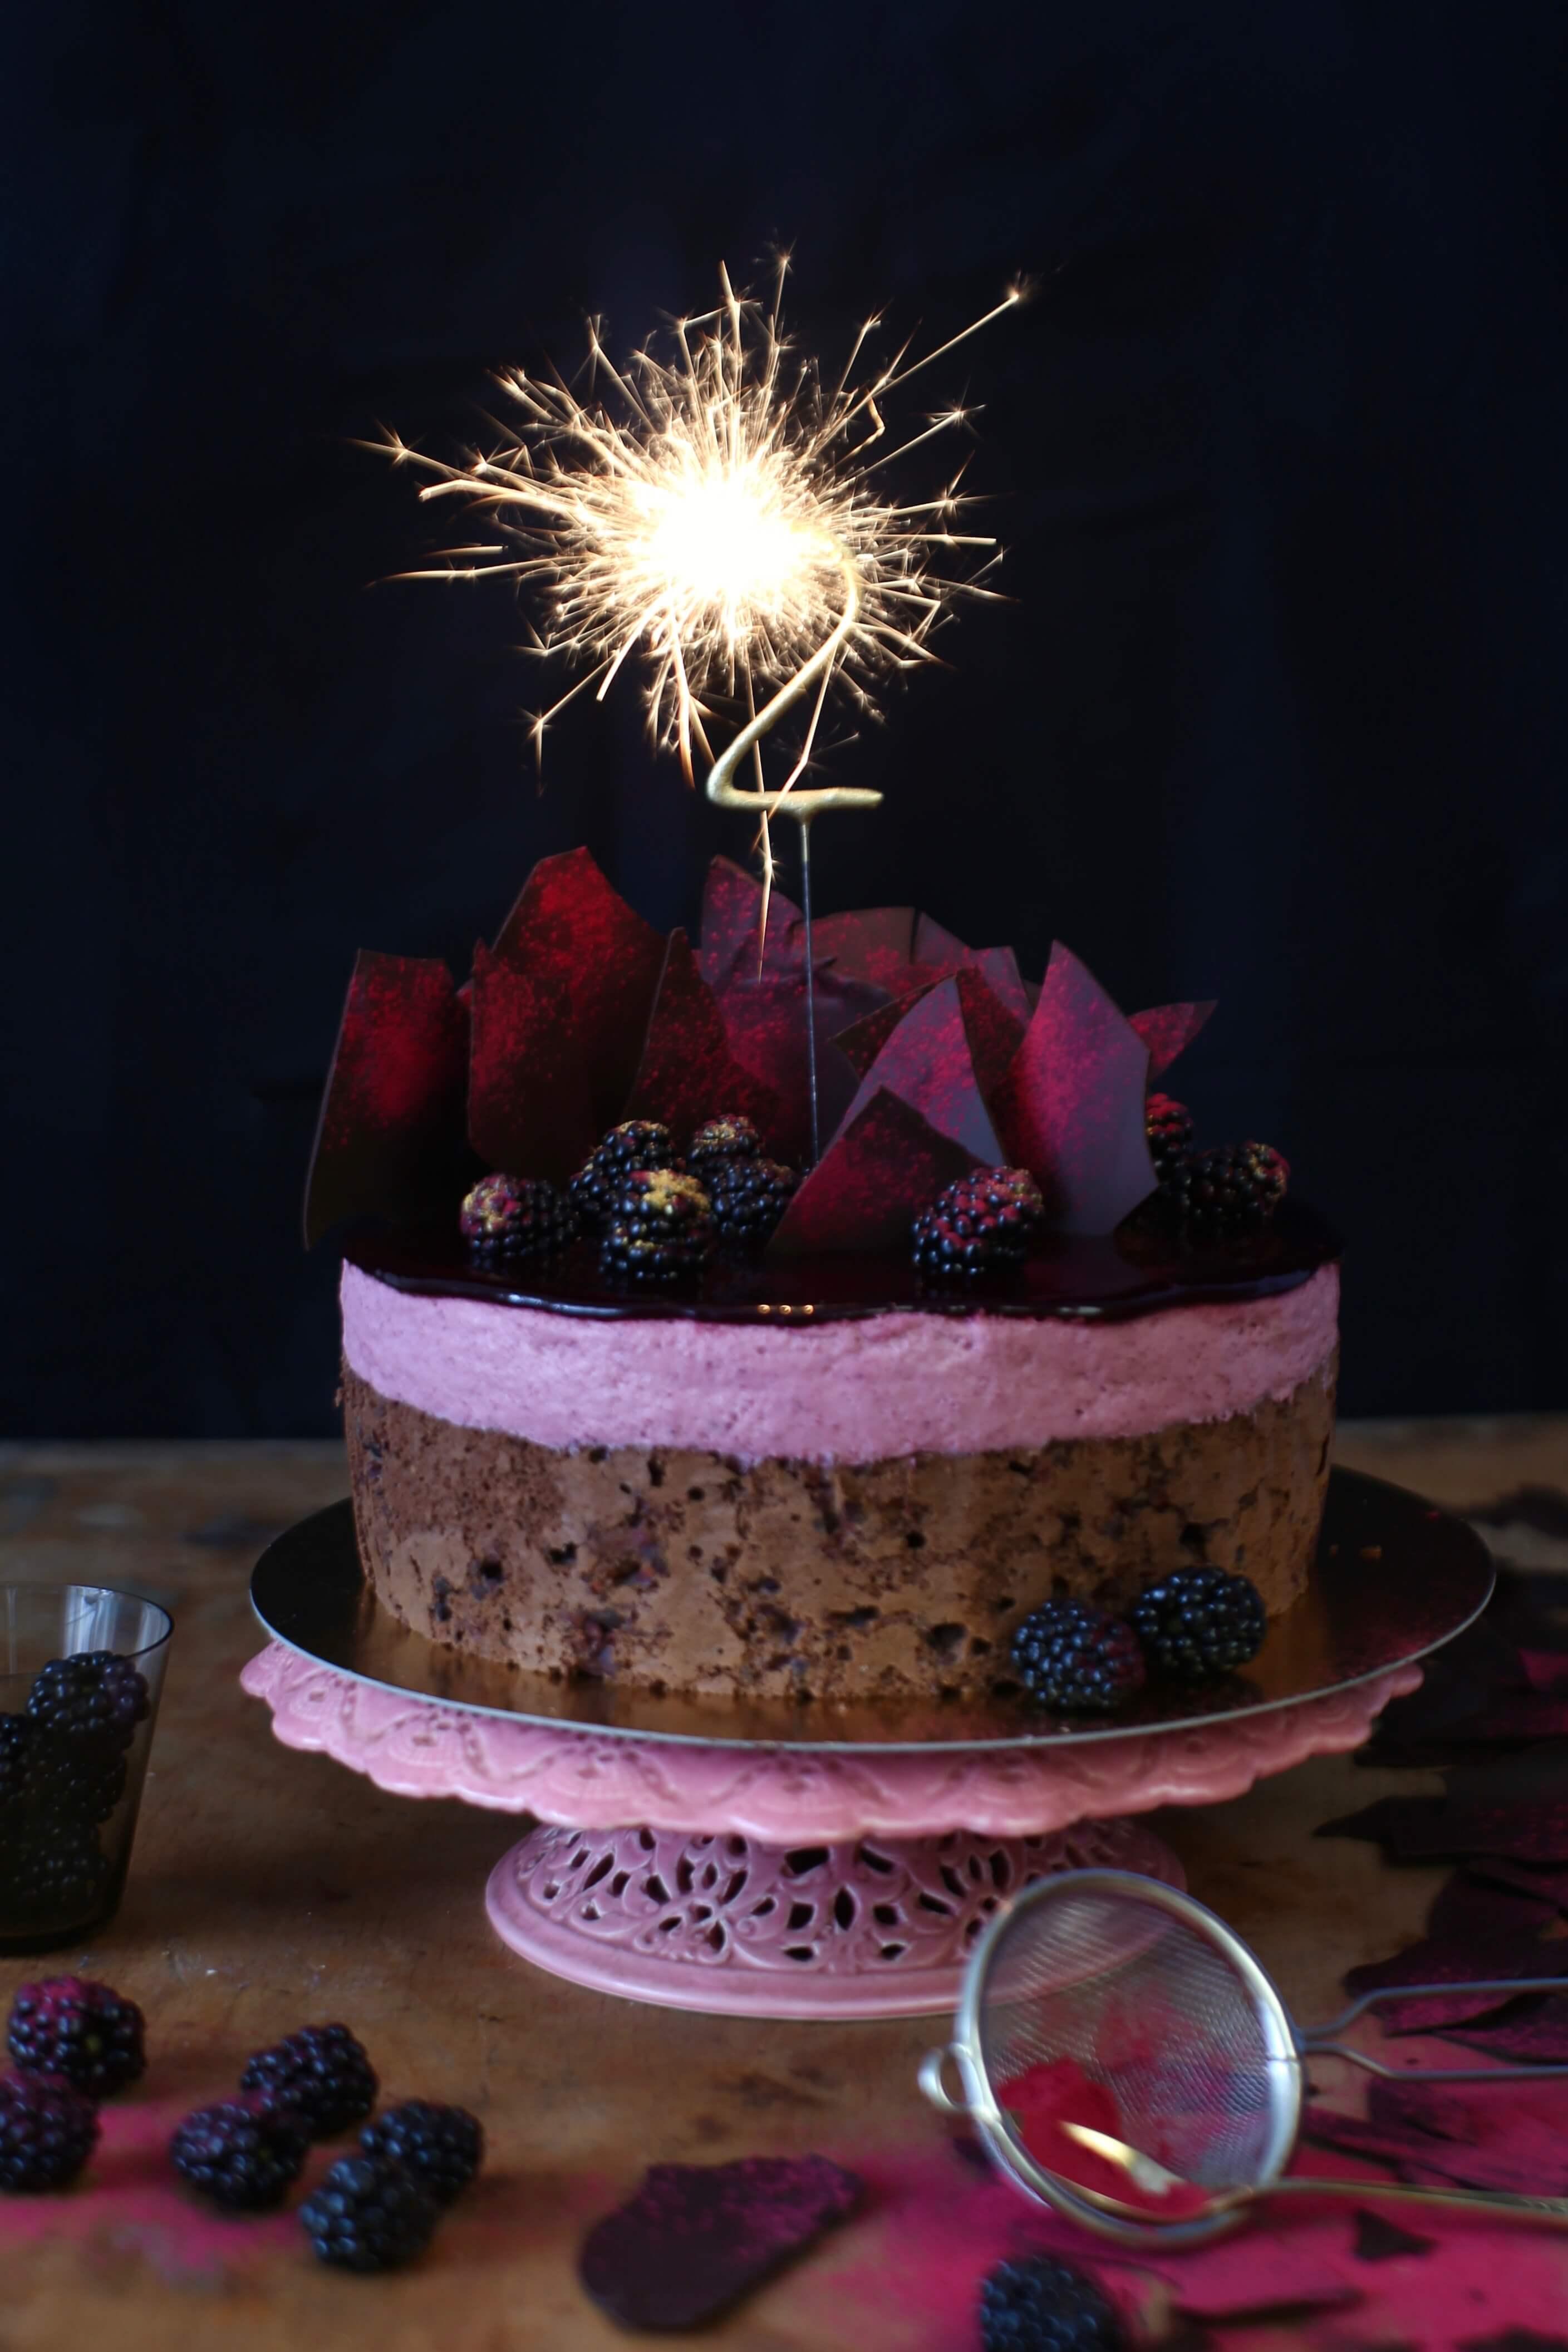 Rezept für eine Schoko-Cassis-Torte zum Bloggeburtstag